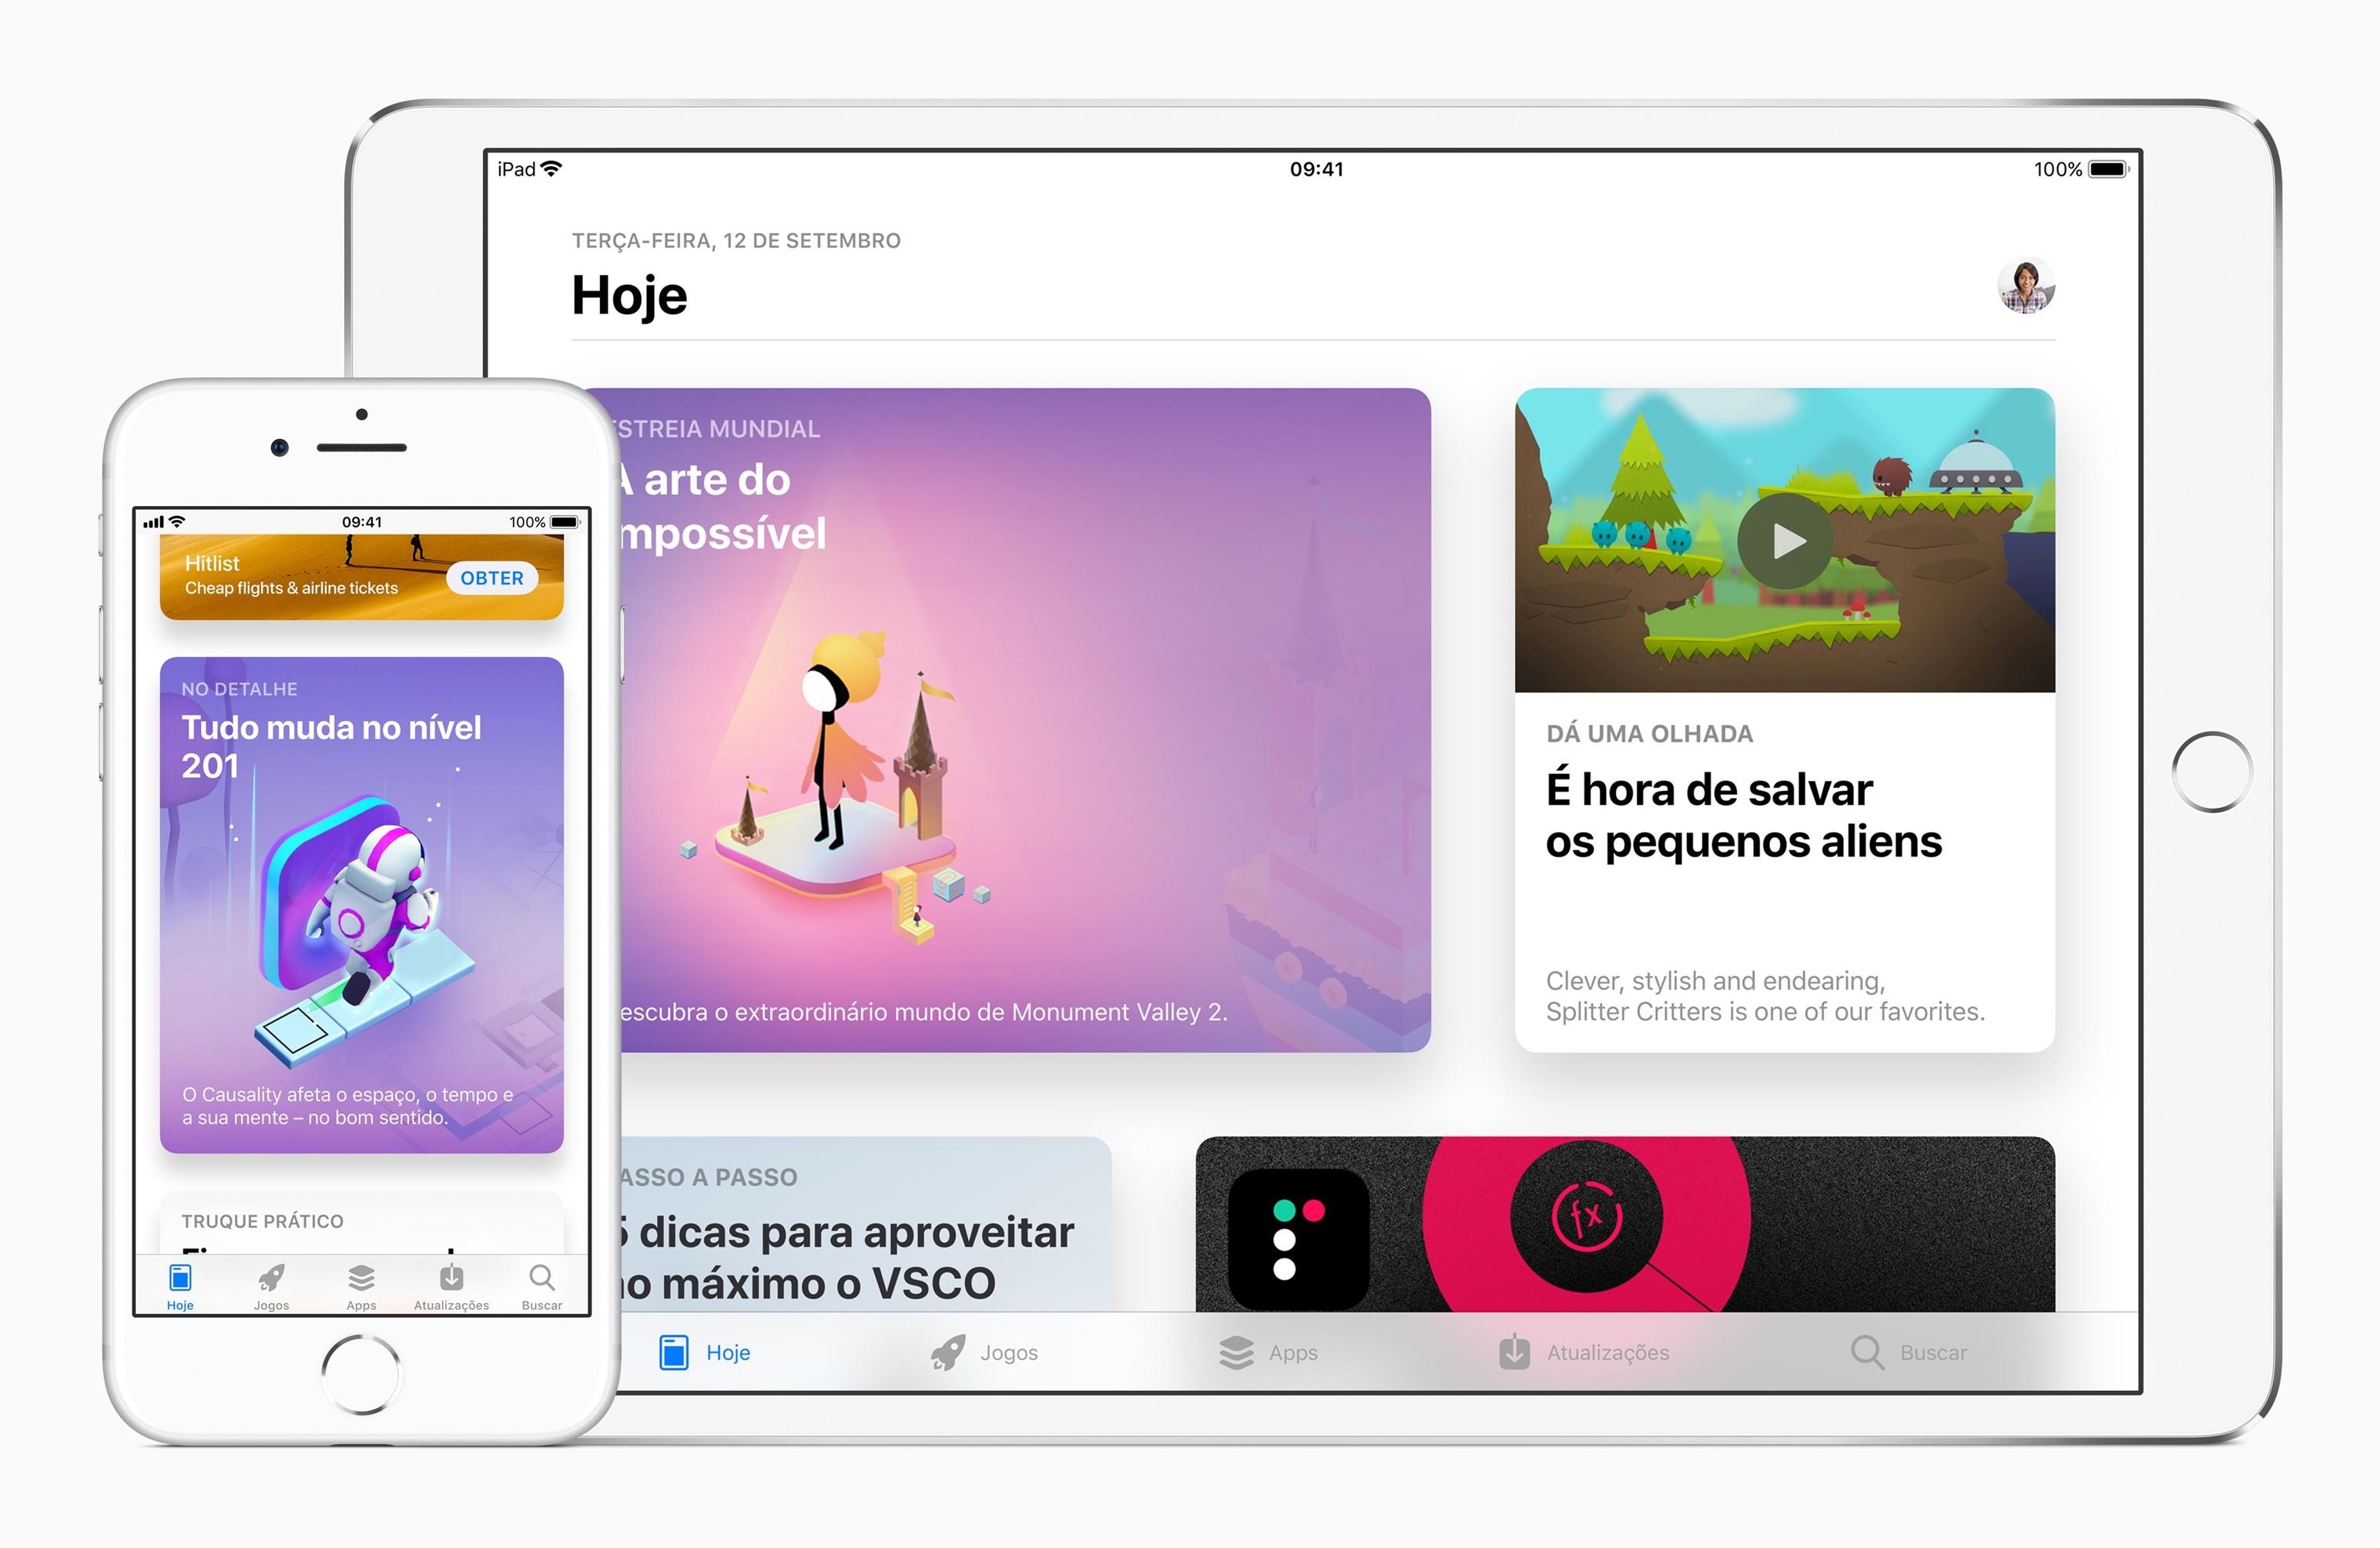 ios - app store como baixar jogos e aplicativos